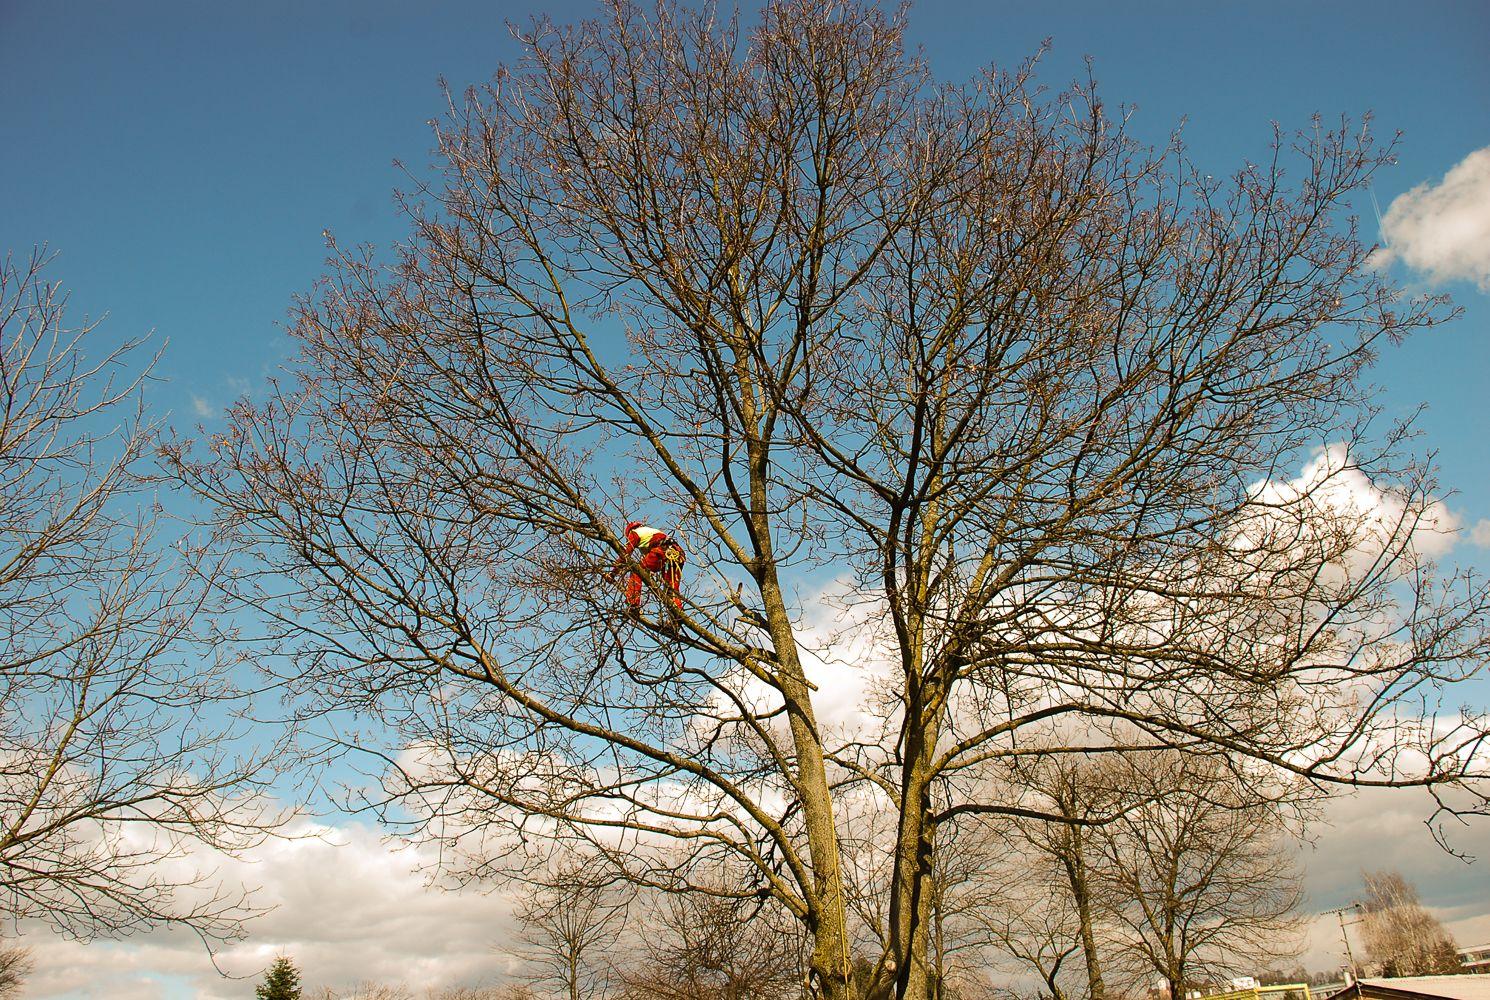 podiranje drevesa